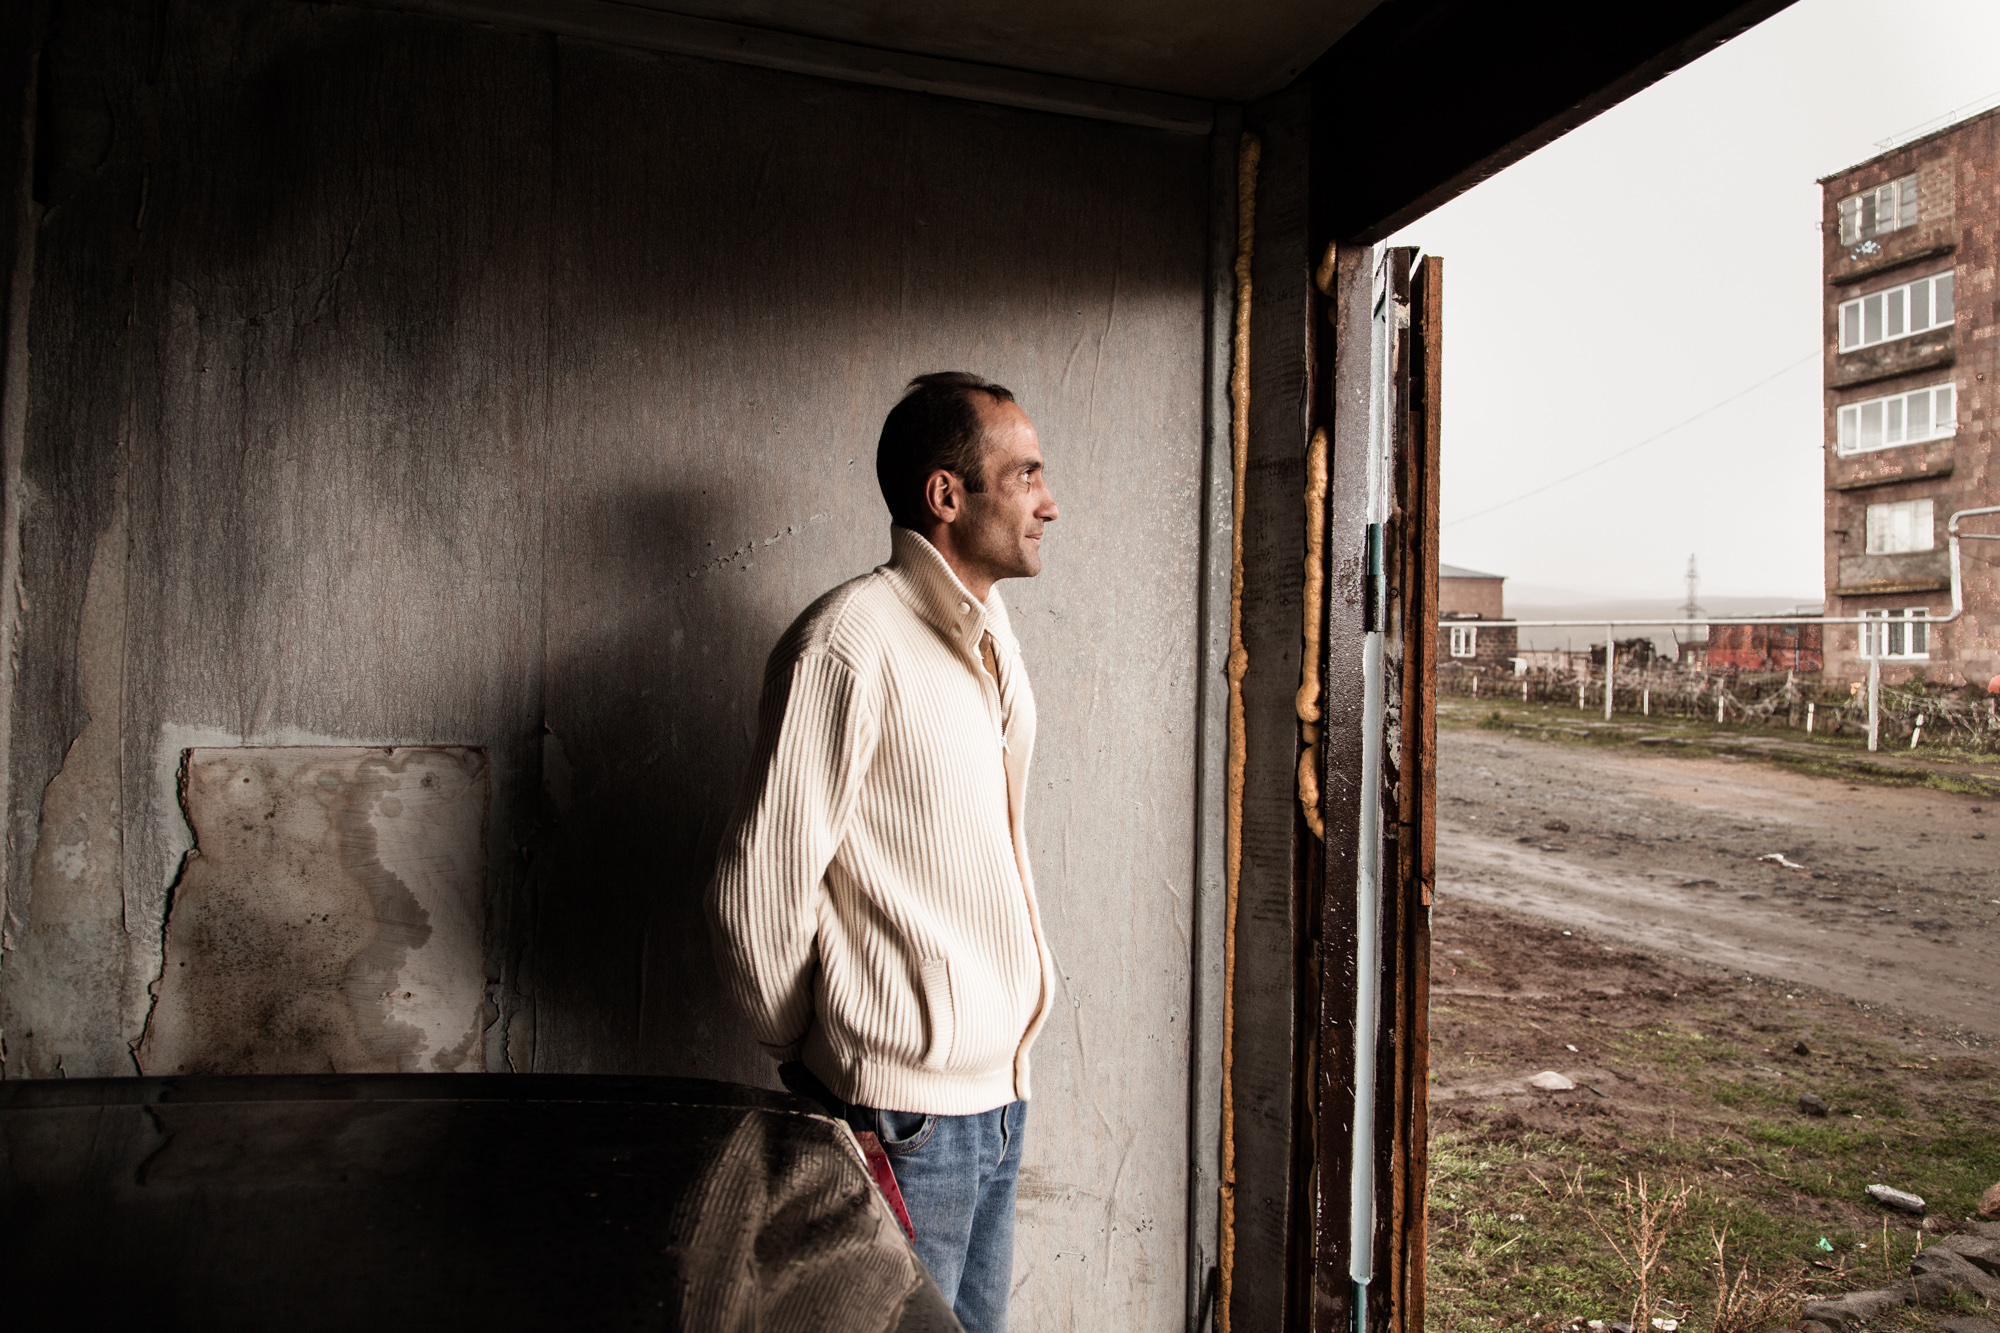 """À ce jour, l'exil saisonnier est la seule solution trouvée par de nombreux hommes, pour nourrir leur famille. Artak a passé 5 ans en Russie. """"Je suis chauffeur pour la compagnie nationale d'éléctricité. C'est pas terrible mais mieux que la Russie. Je suis près de ma famille et c'est le plus important. """" Il vit avec sa femme et leurs 2 enfants. La famille a 2 vaches, dont l'une sera mangée à Noël.  Extraits du webdocumentaire   Ashotsk, aux confins de l'Arménie  ."""